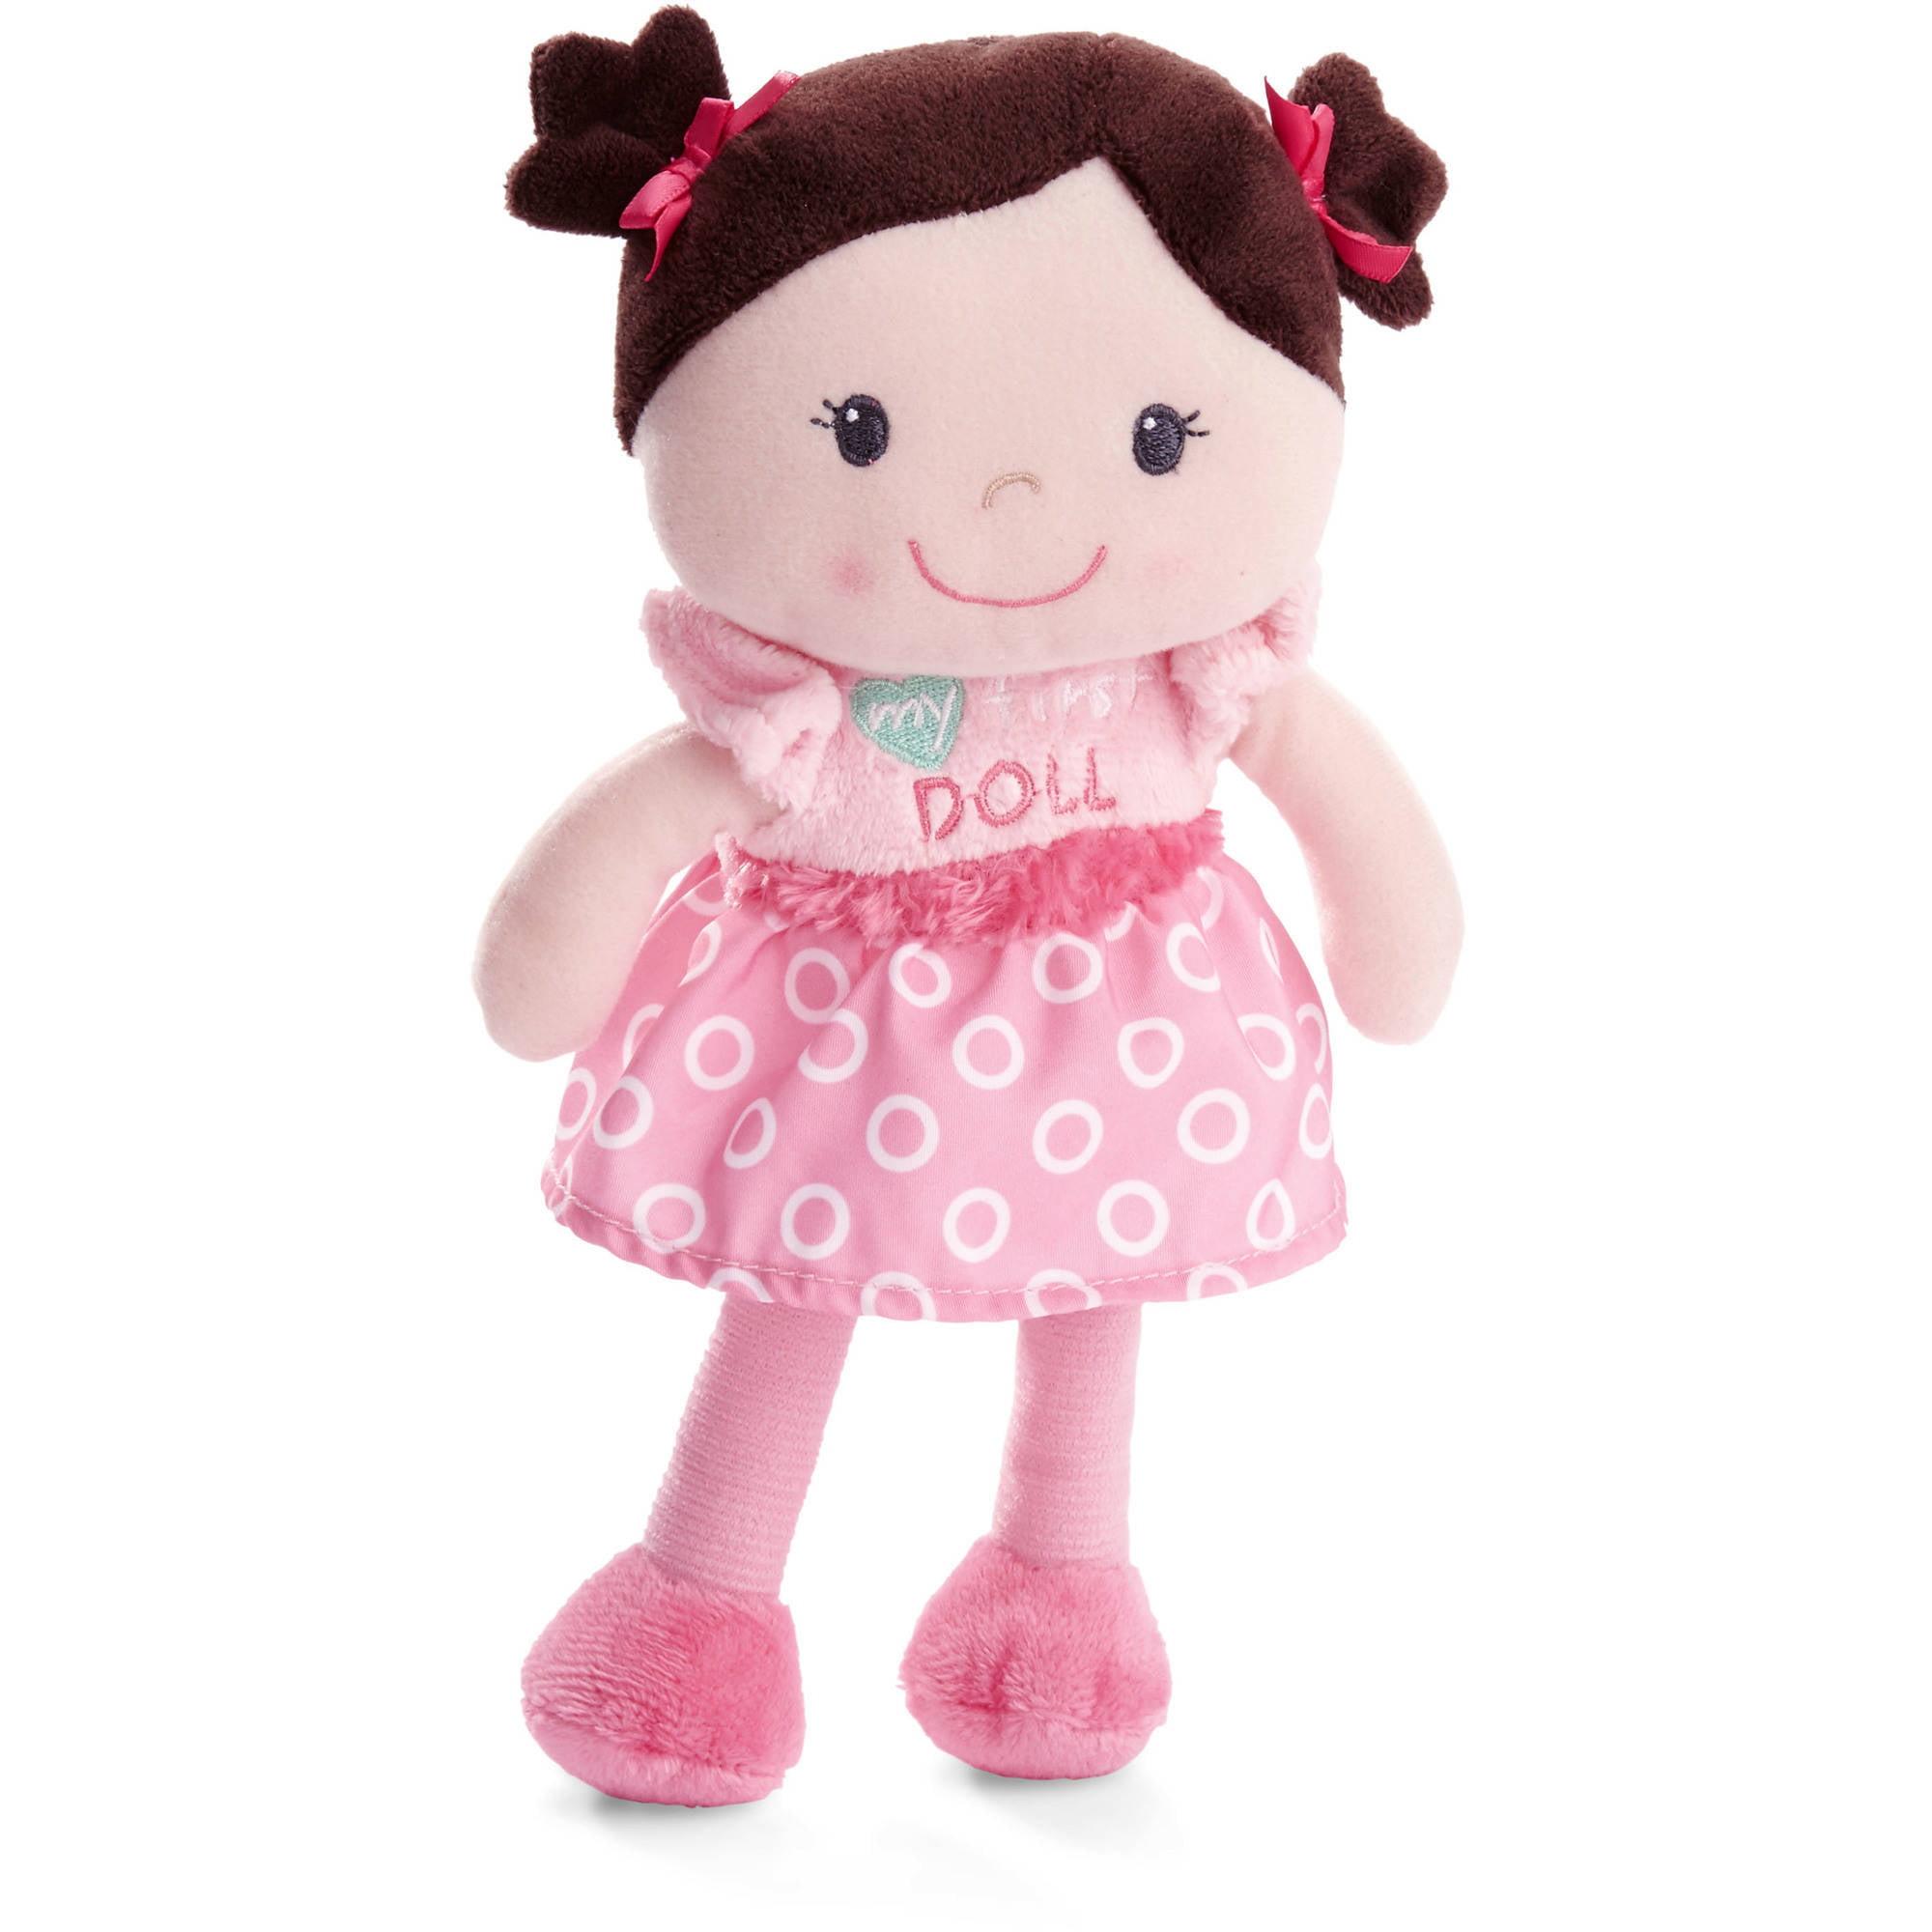 garanimals newborn baby my first doll toy walmartcom